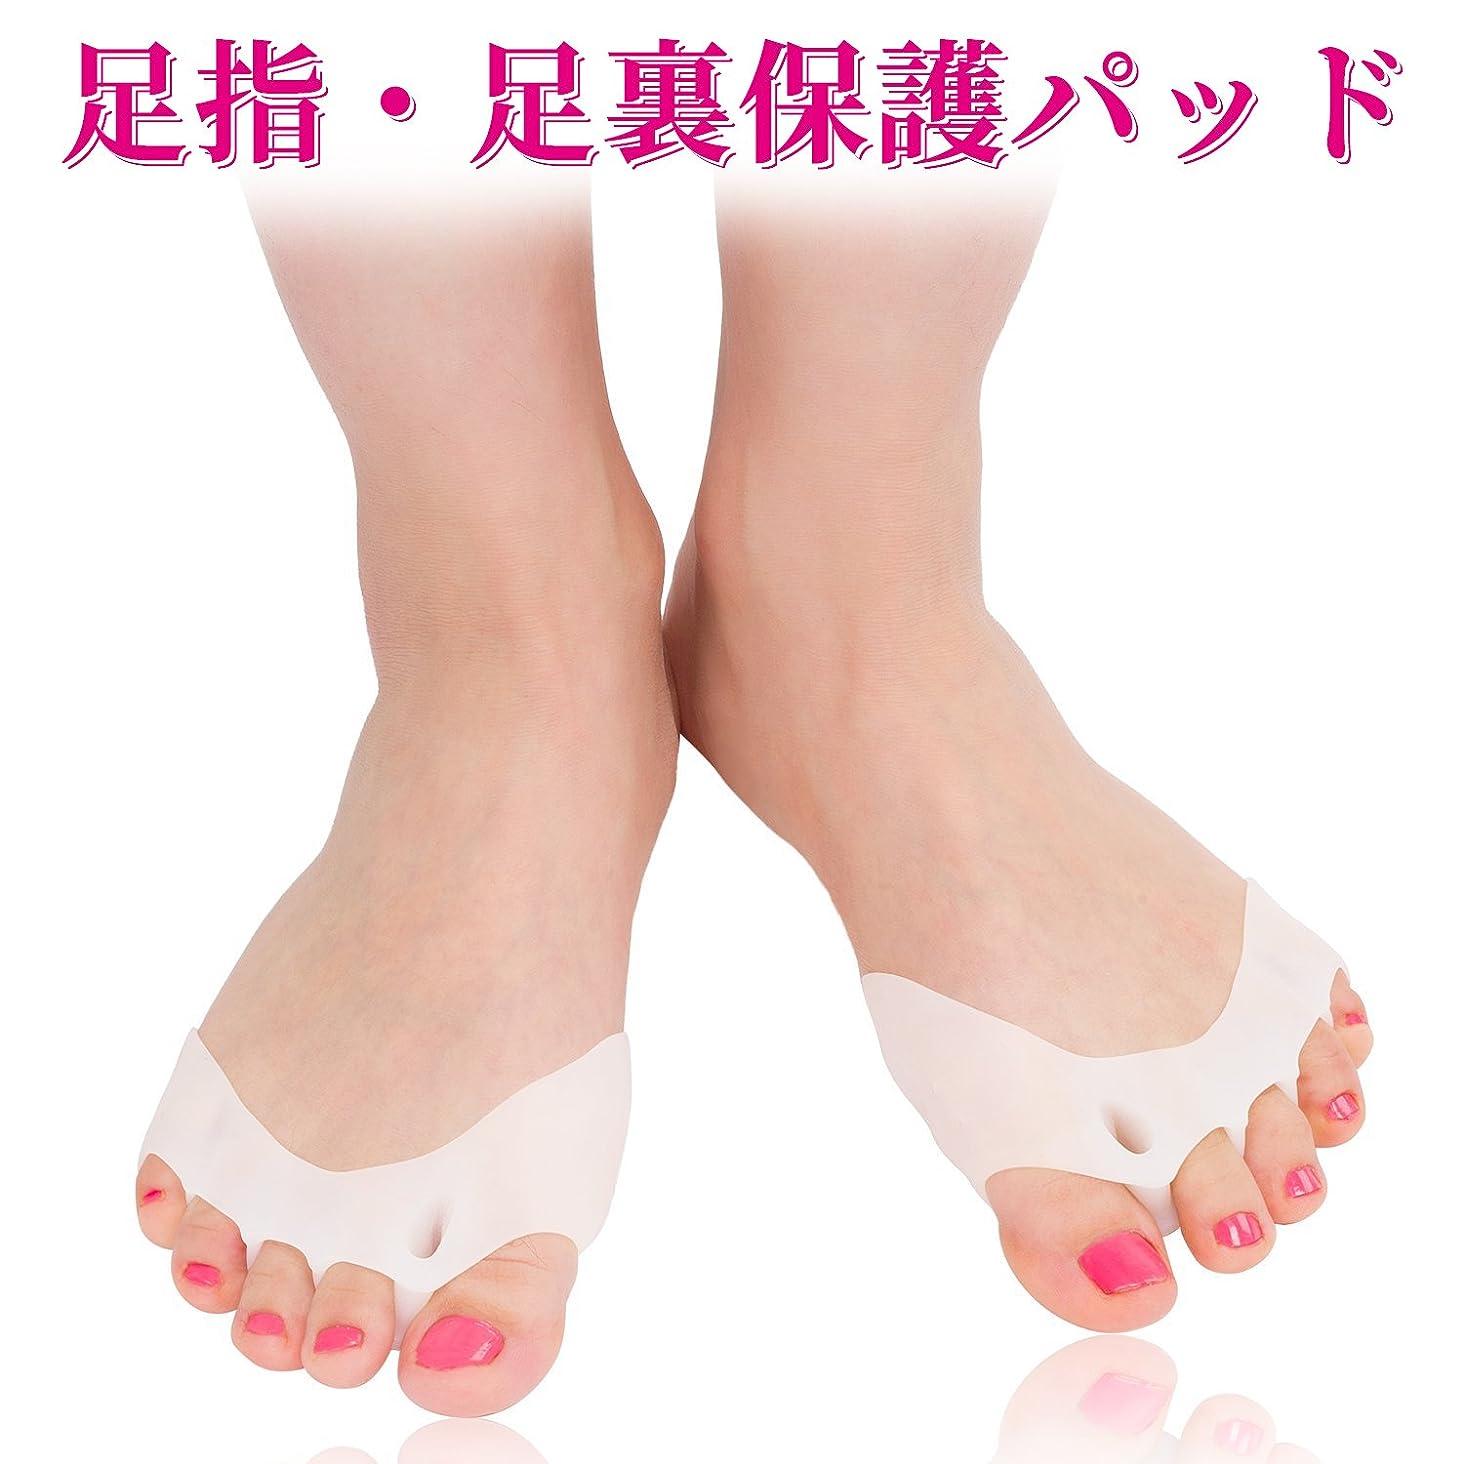 保持タイル硬いCloseMate 足指分離パッド 足裏保護パッド 外反母趾 サポーター 靴ズレに対策 足底筋膜炎 痛み緩和 衝撃吸収シリコンパッド フリーサイズ (2個入り)